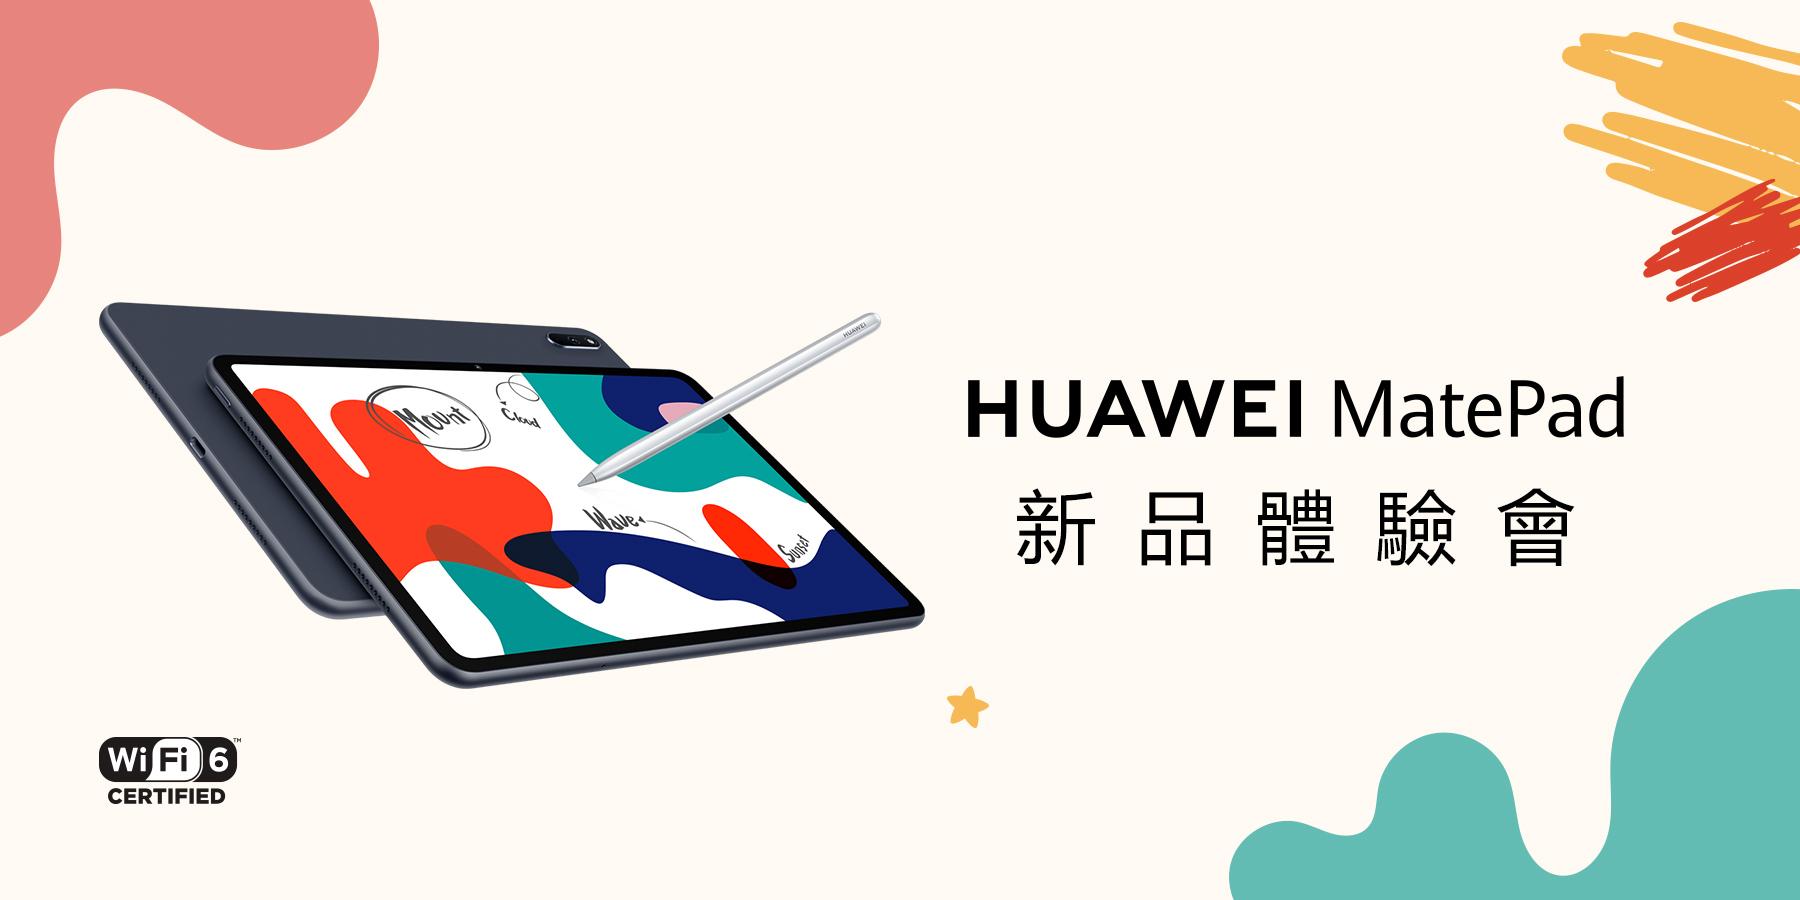 HUAWEI MatePad 新品體驗會